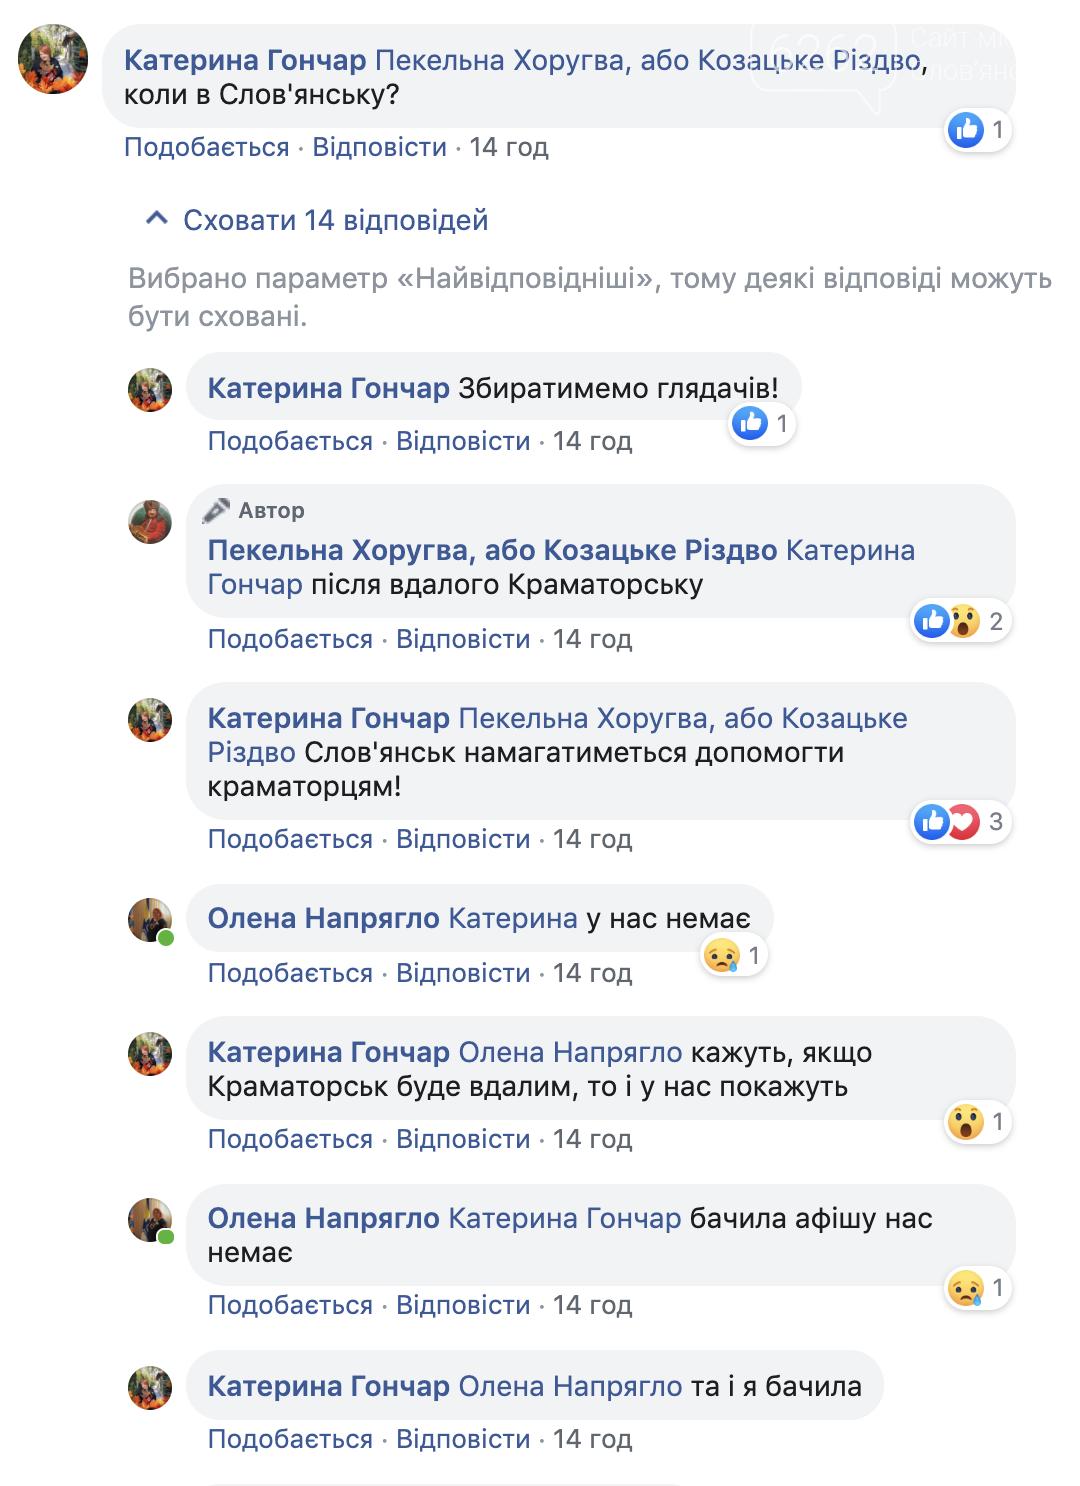 Українське кіно у Слов'янську під загрозою? Чи маніпулюють кінотеатри Донбасу вітчизняними кінострічками, фото-3